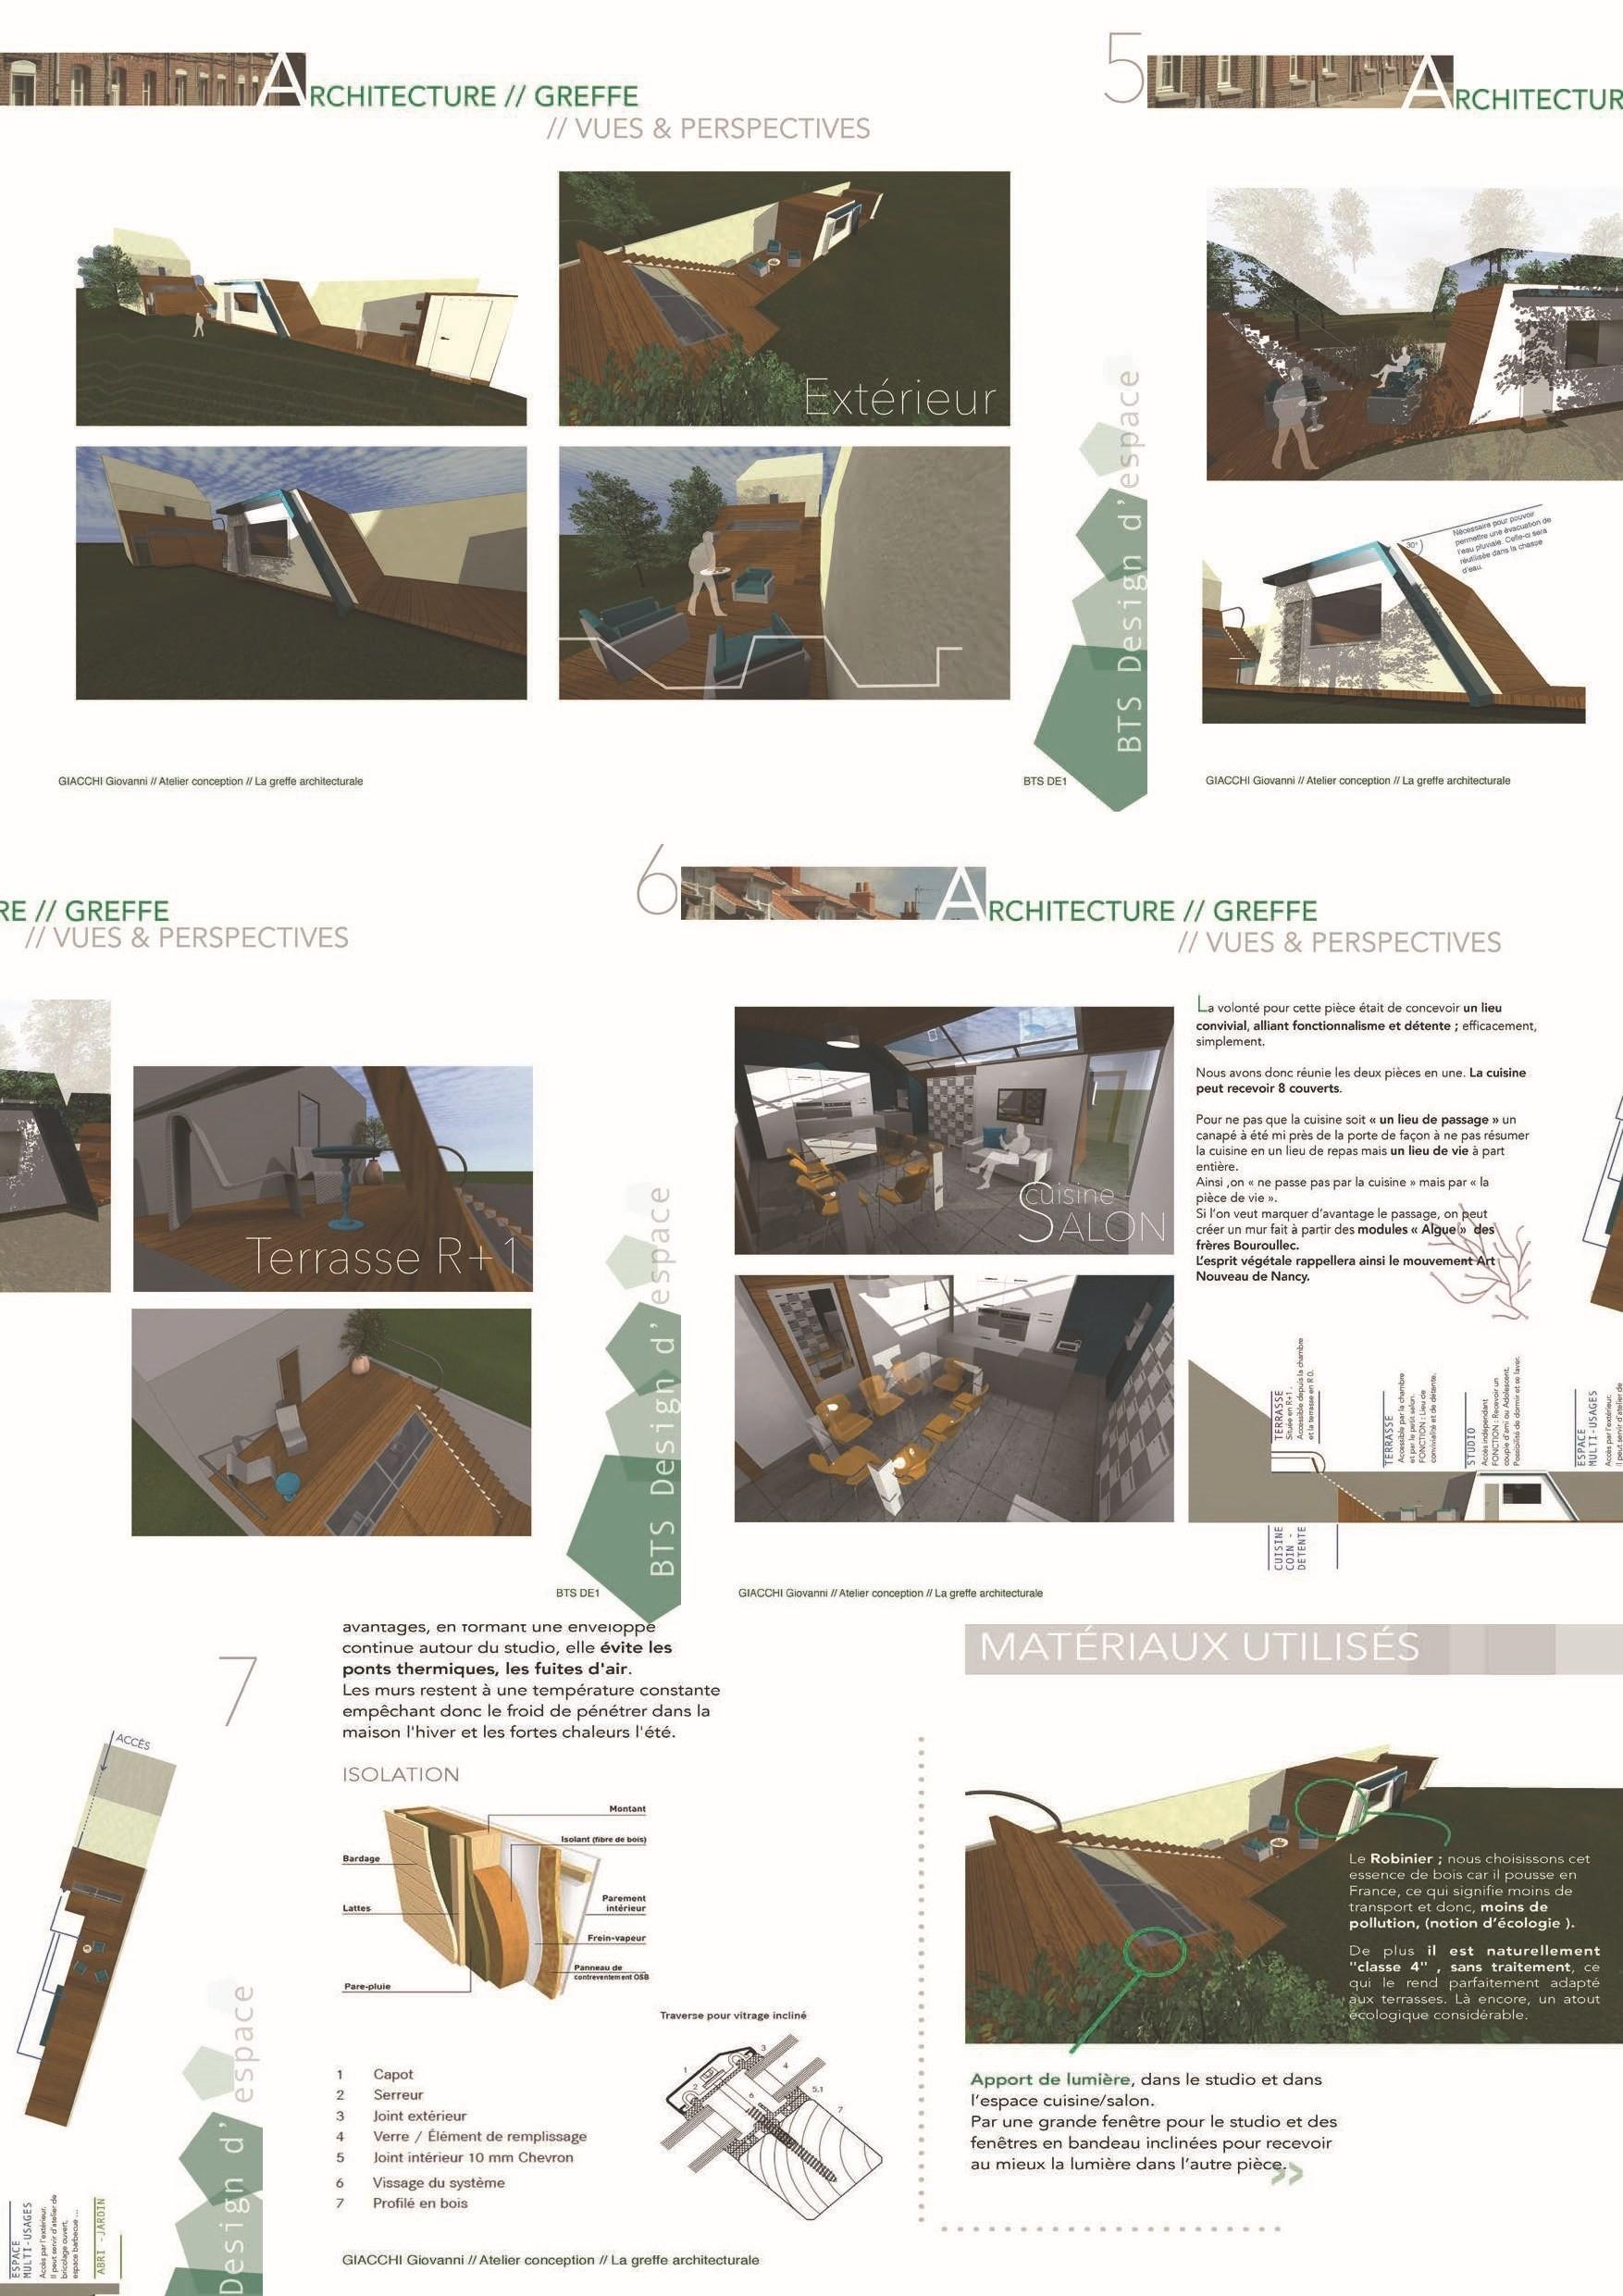 Fenetre En Bandeau Definition cours d'atelier de conception : la greffe. | vers une